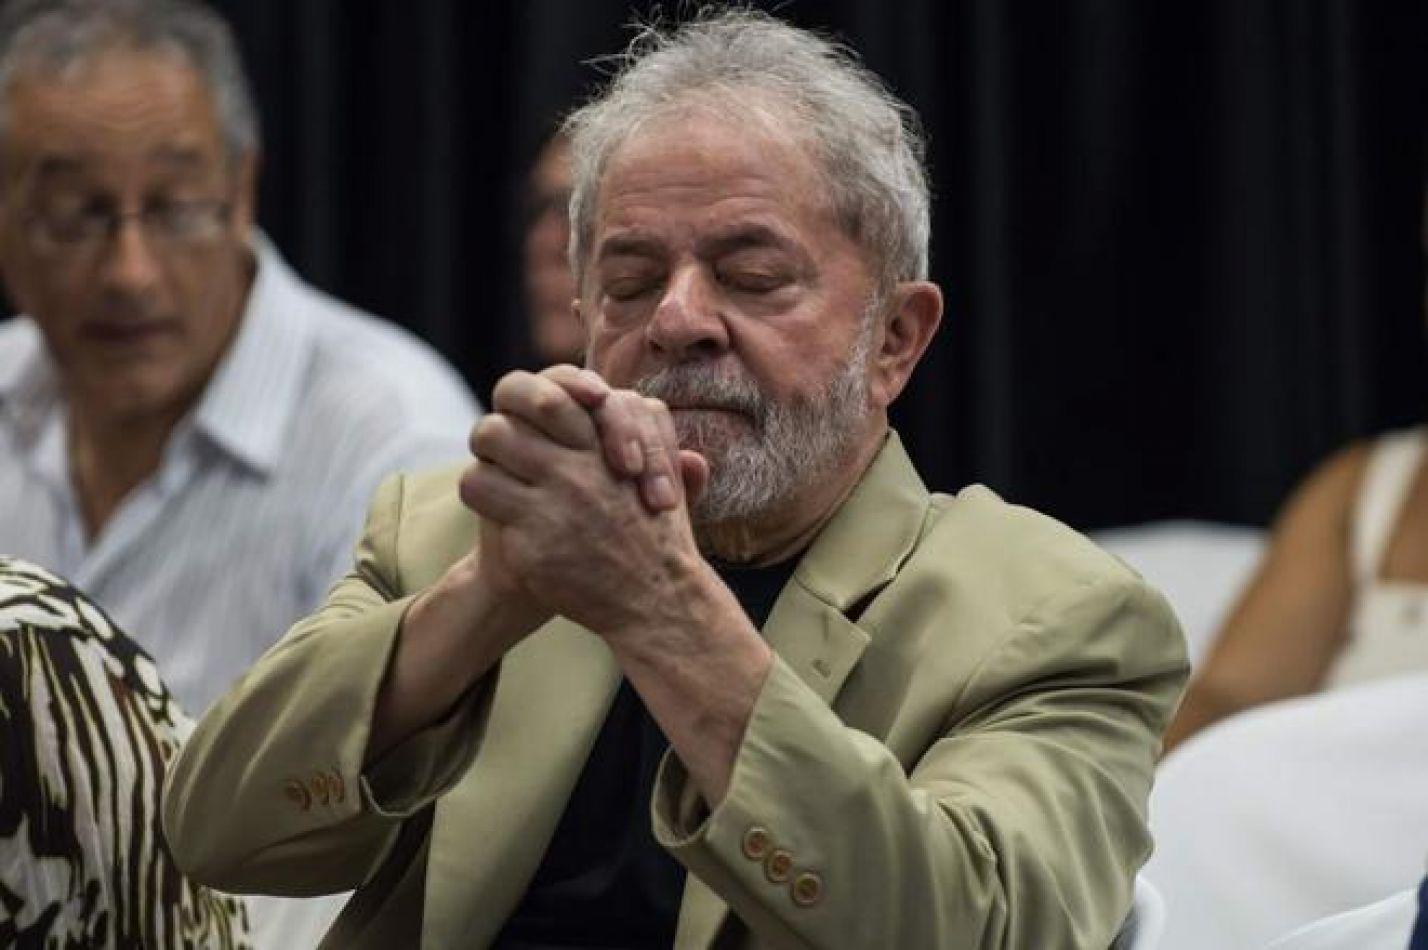 [URGENTE] Lula Da Silva a un paso de la libertad